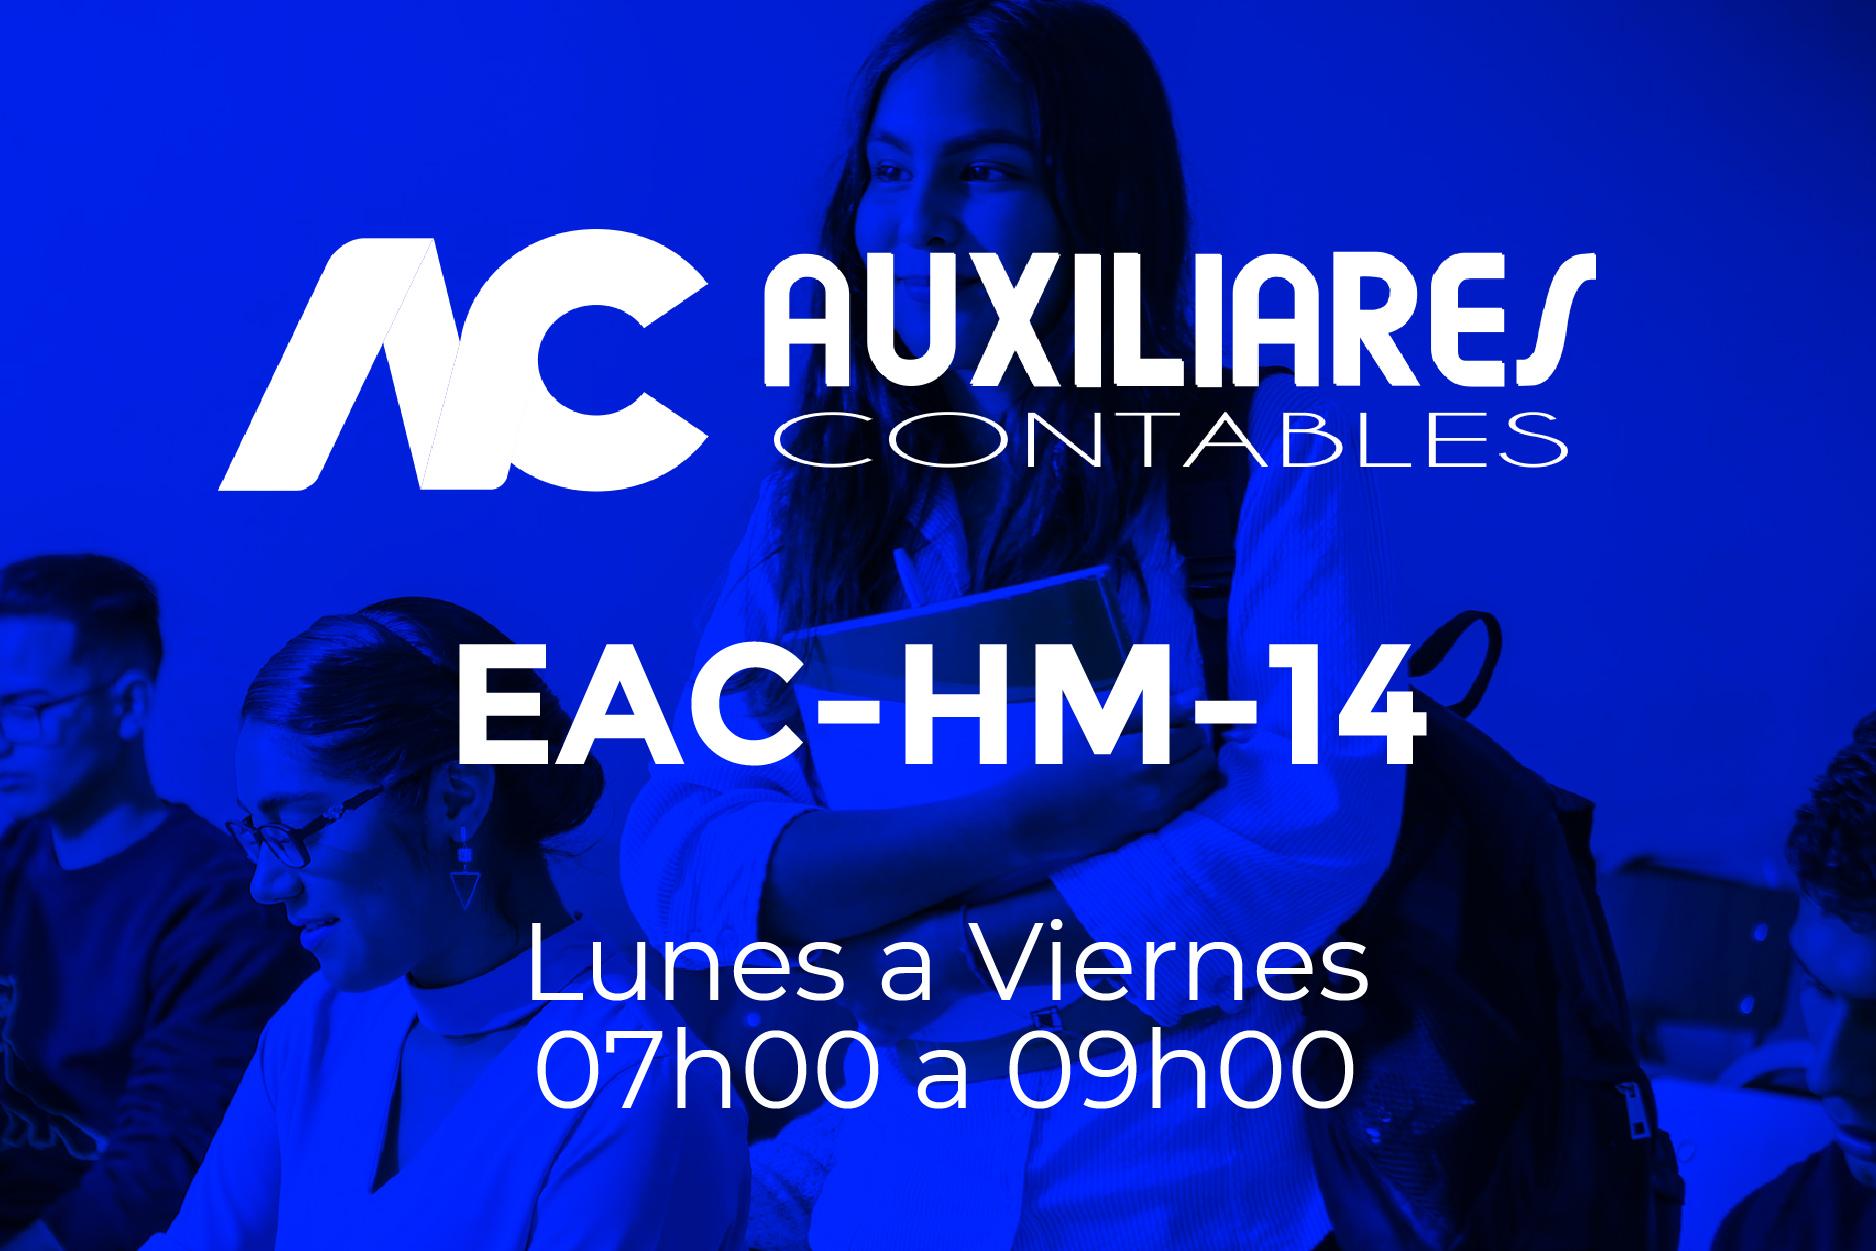 14 - AUXILIARES CONTABLES - LUNES A VIERNES - 07:00 A 09:00